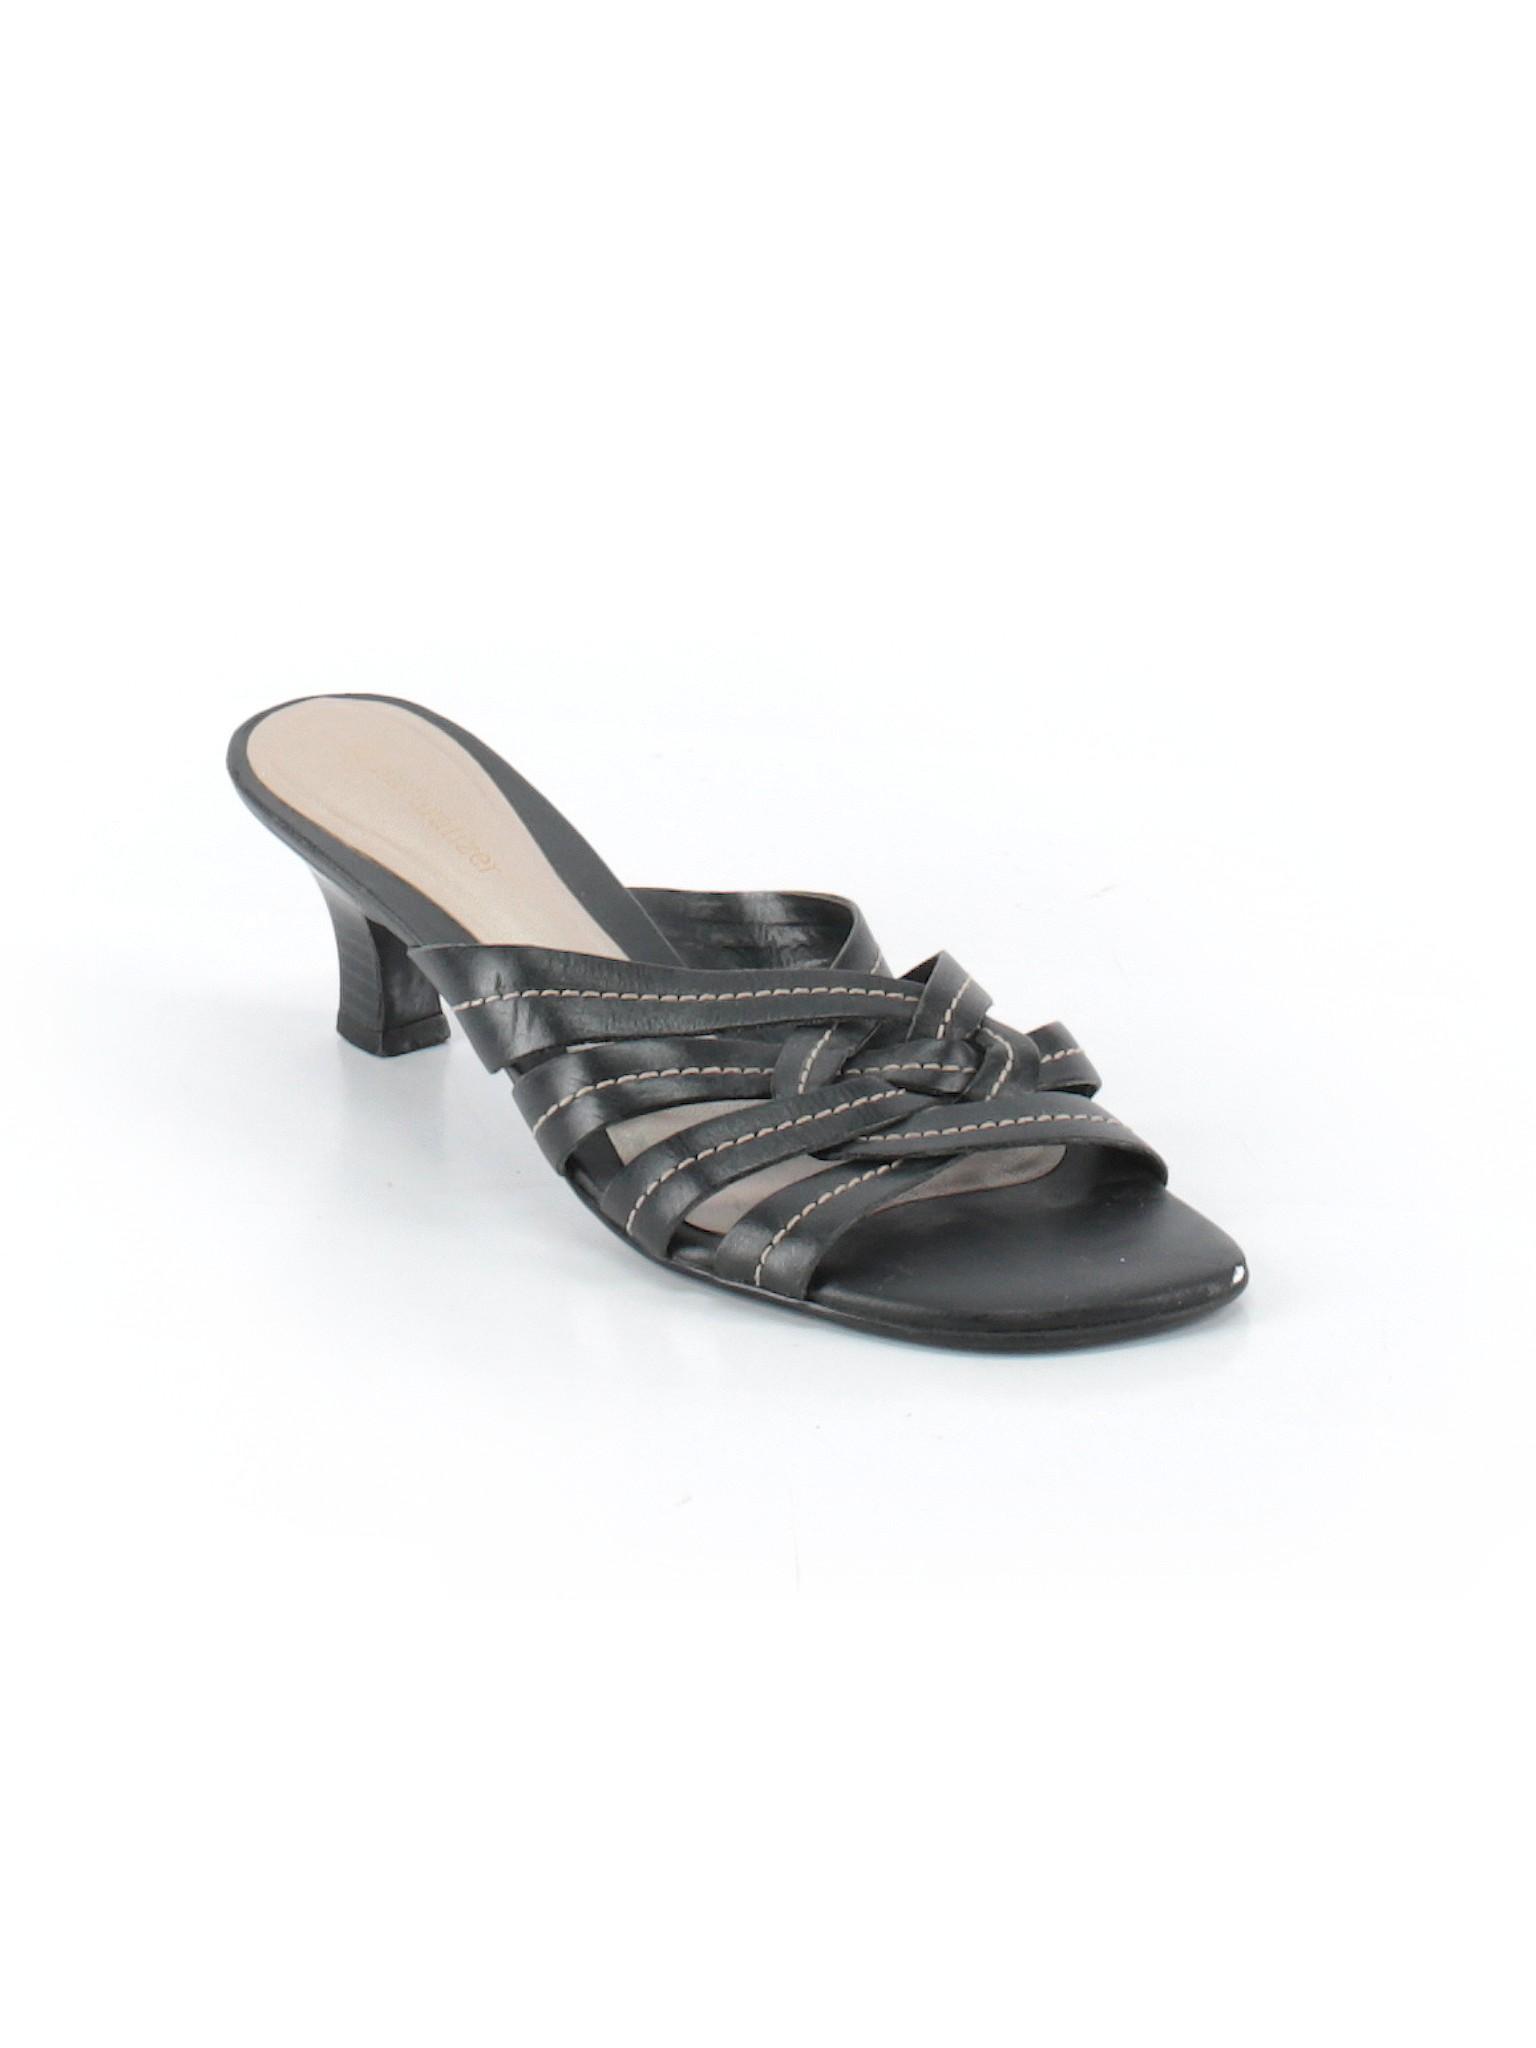 Boutique Naturalizer Boutique Sandals Naturalizer promotion promotion Sandals promotion Boutique wTSXOqRW